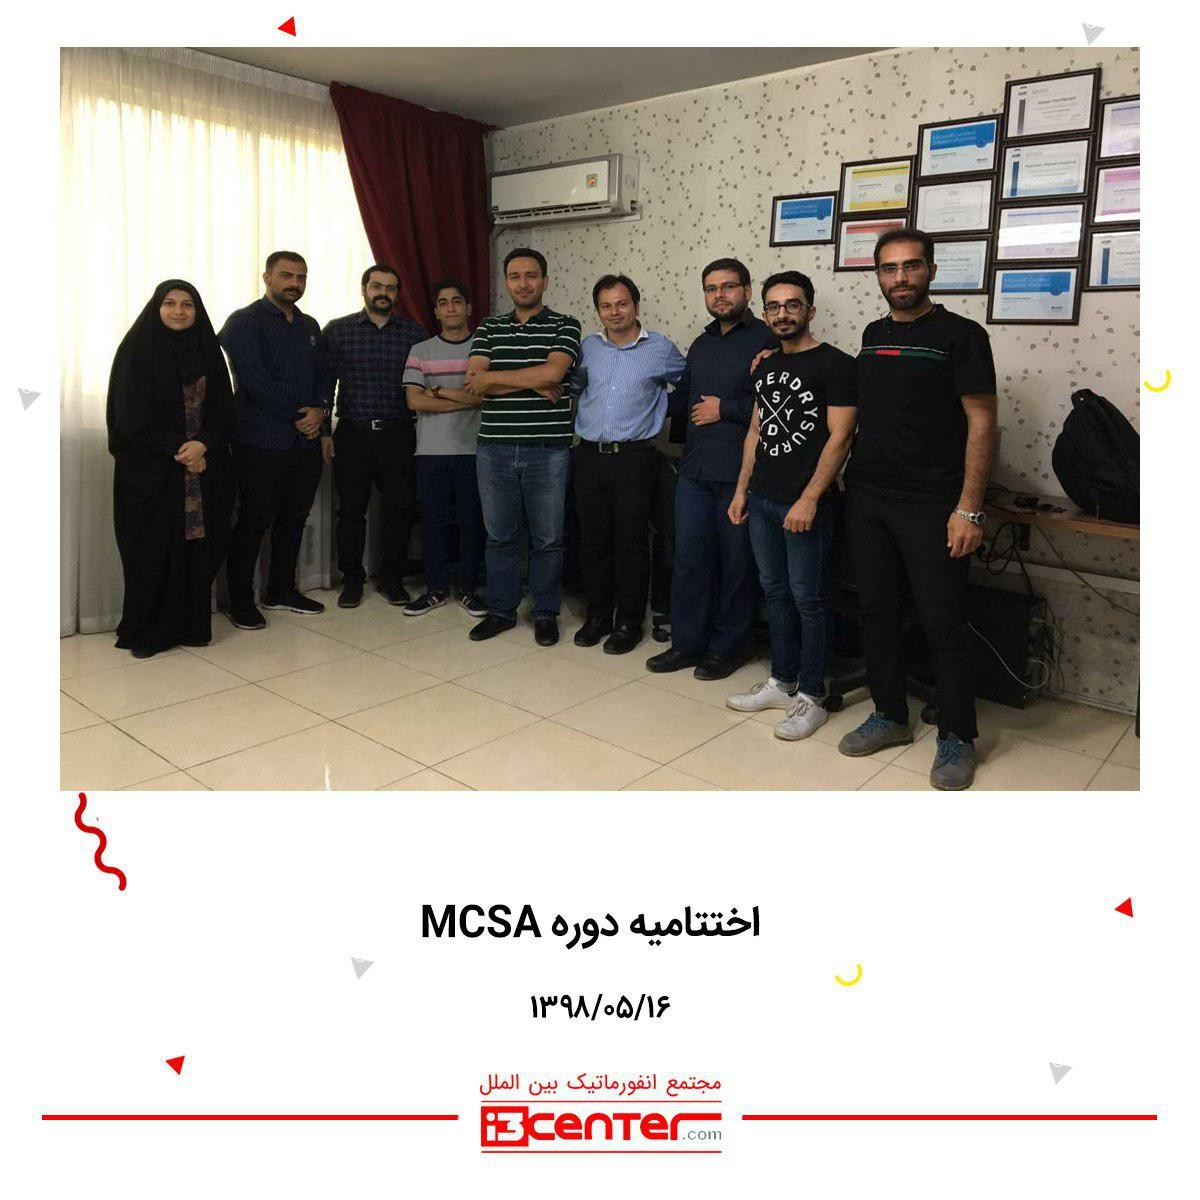 اختتامیه دوره MCSA